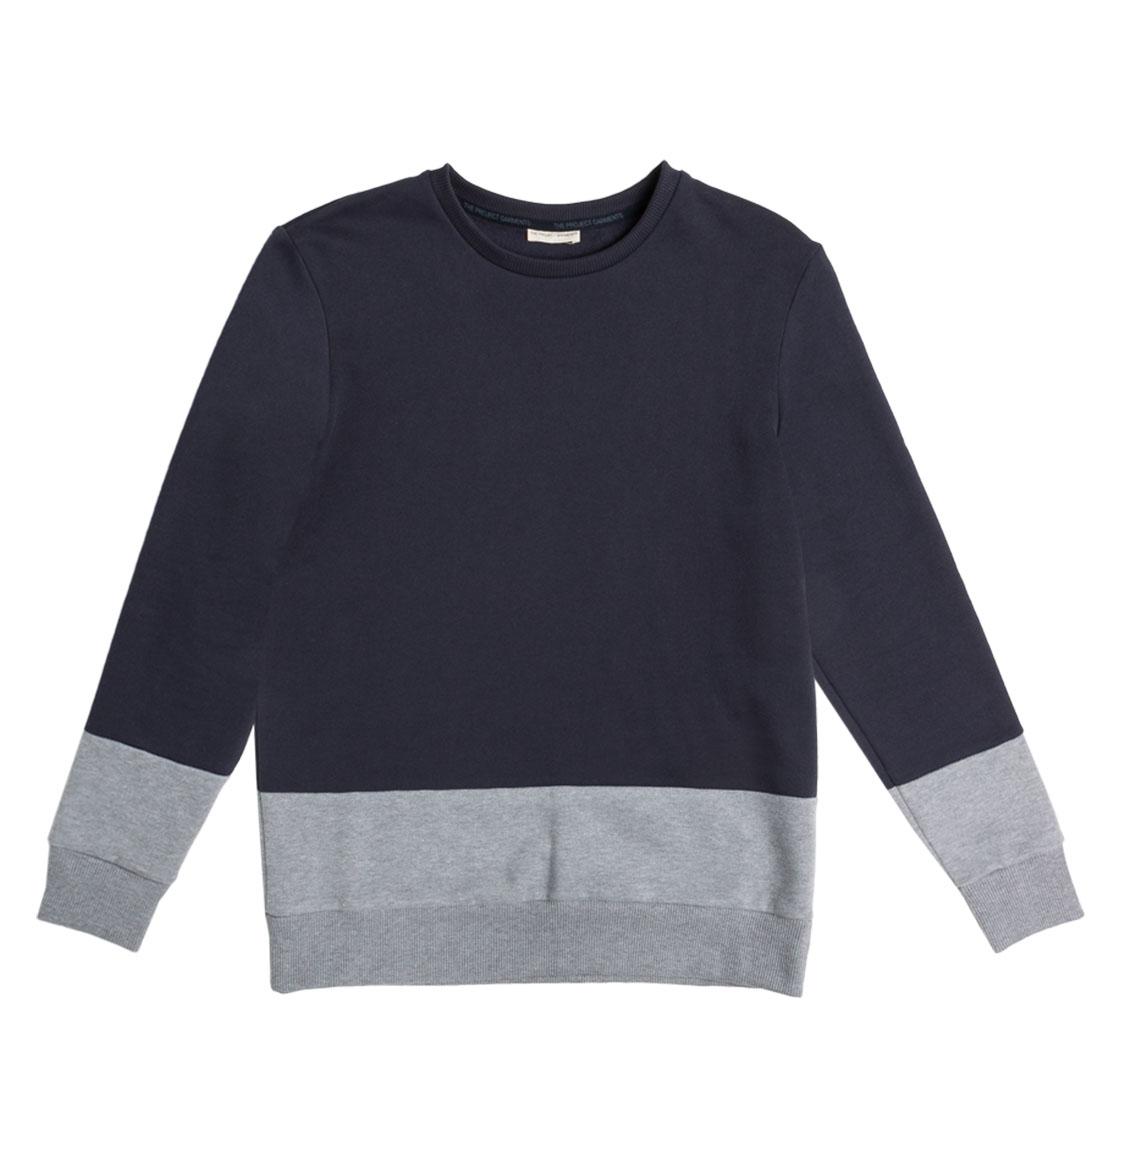 Vertical Color Block Crew Neck Sweatshirt Navy Blue